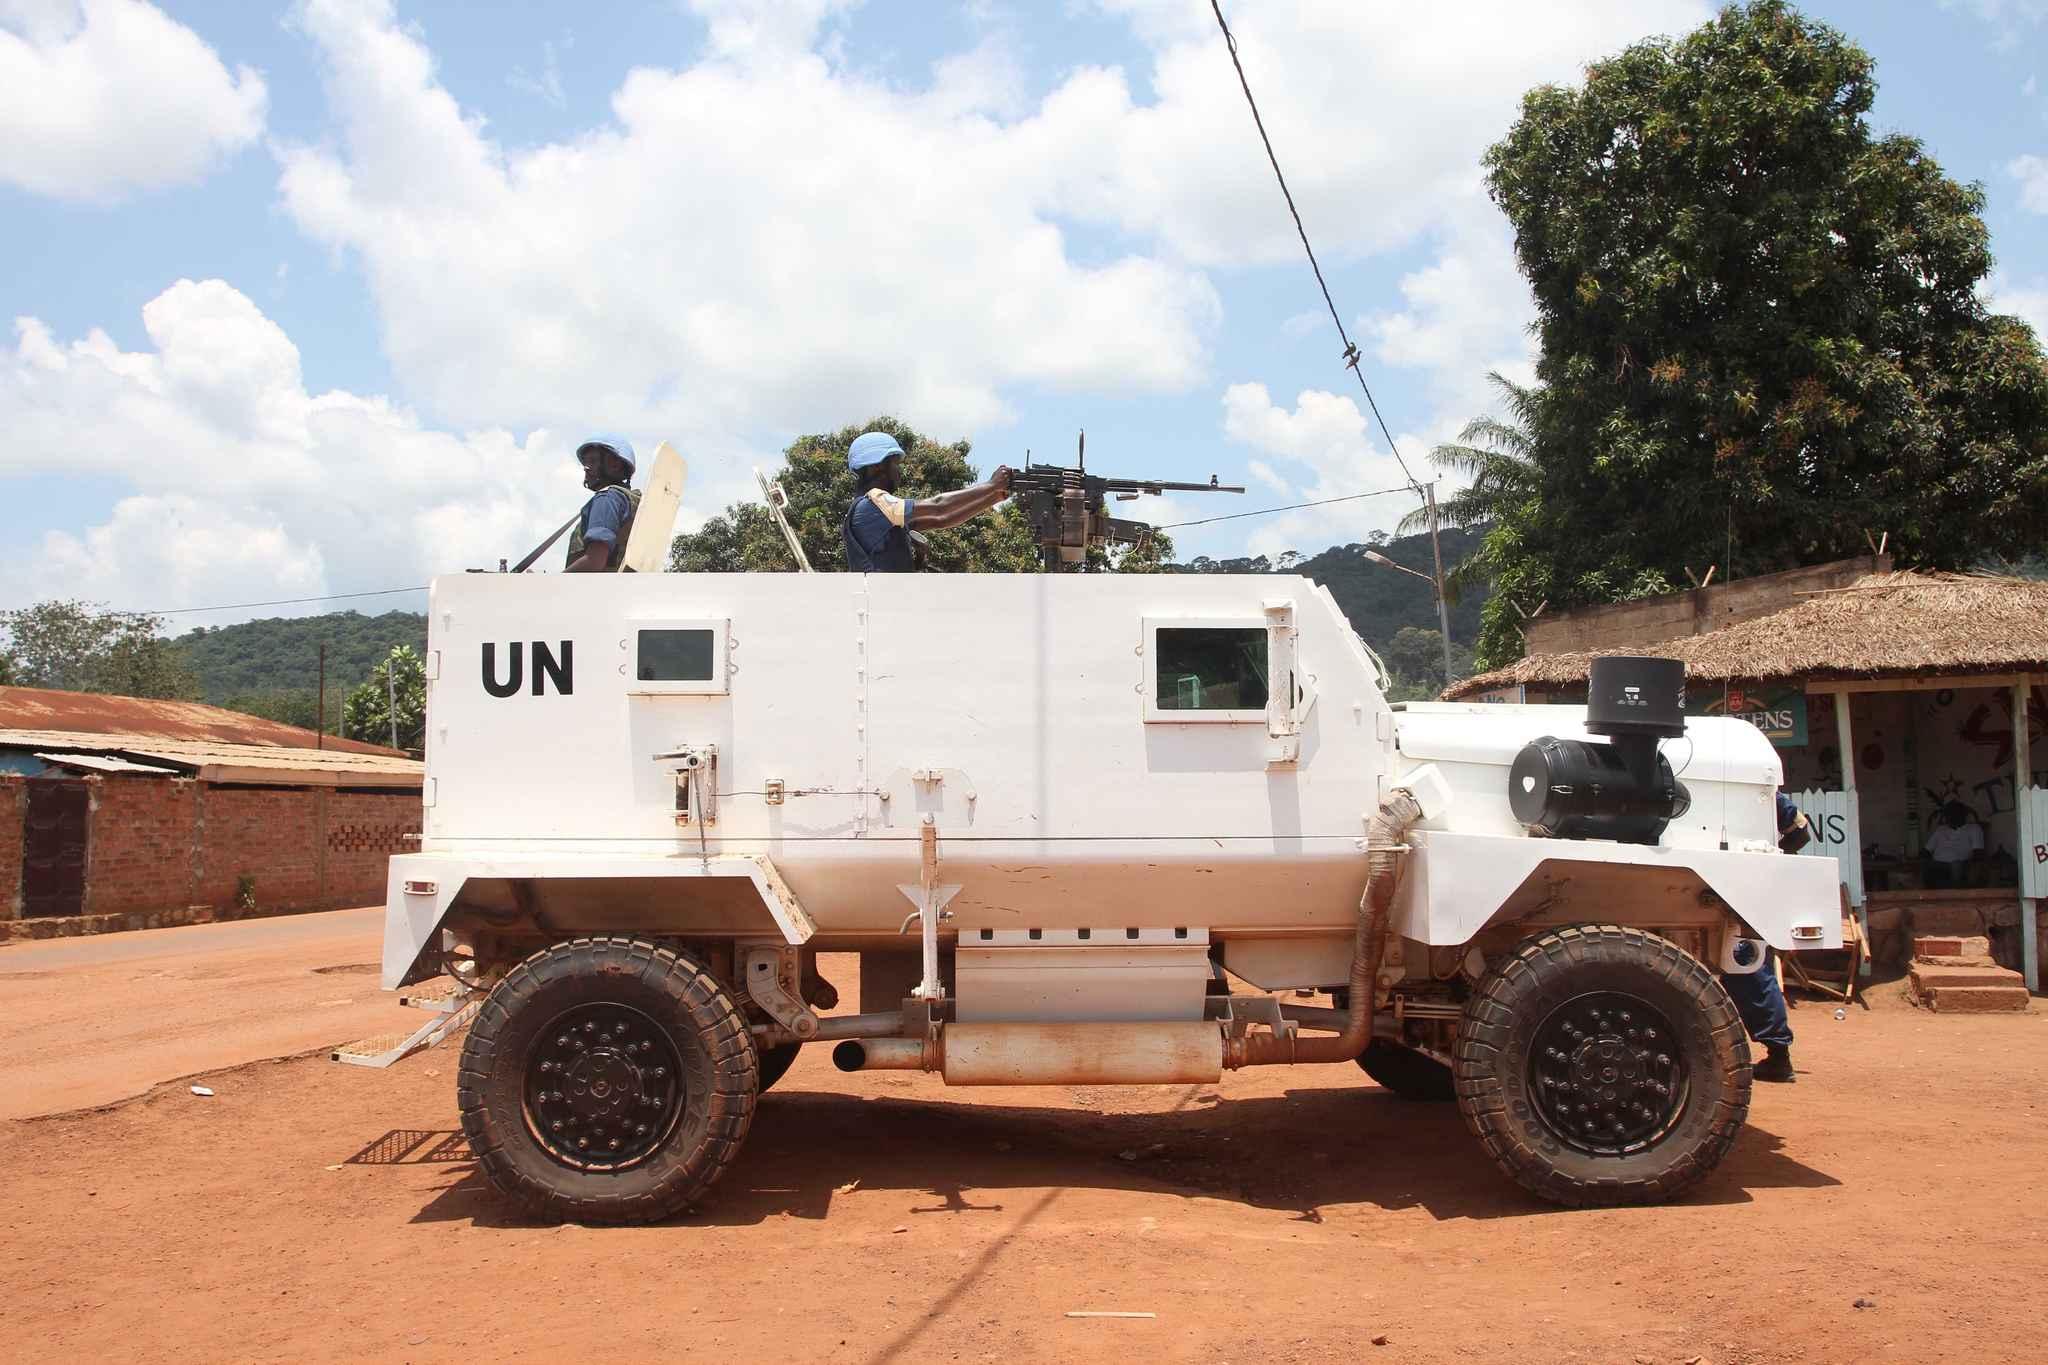 Des membres de la mission de l'ONU en Centrafrique (Minusca) patrouillent à Bangui, en Centrafrique, le 3 octobre 2015. - Anthony Fouchard/SIPA